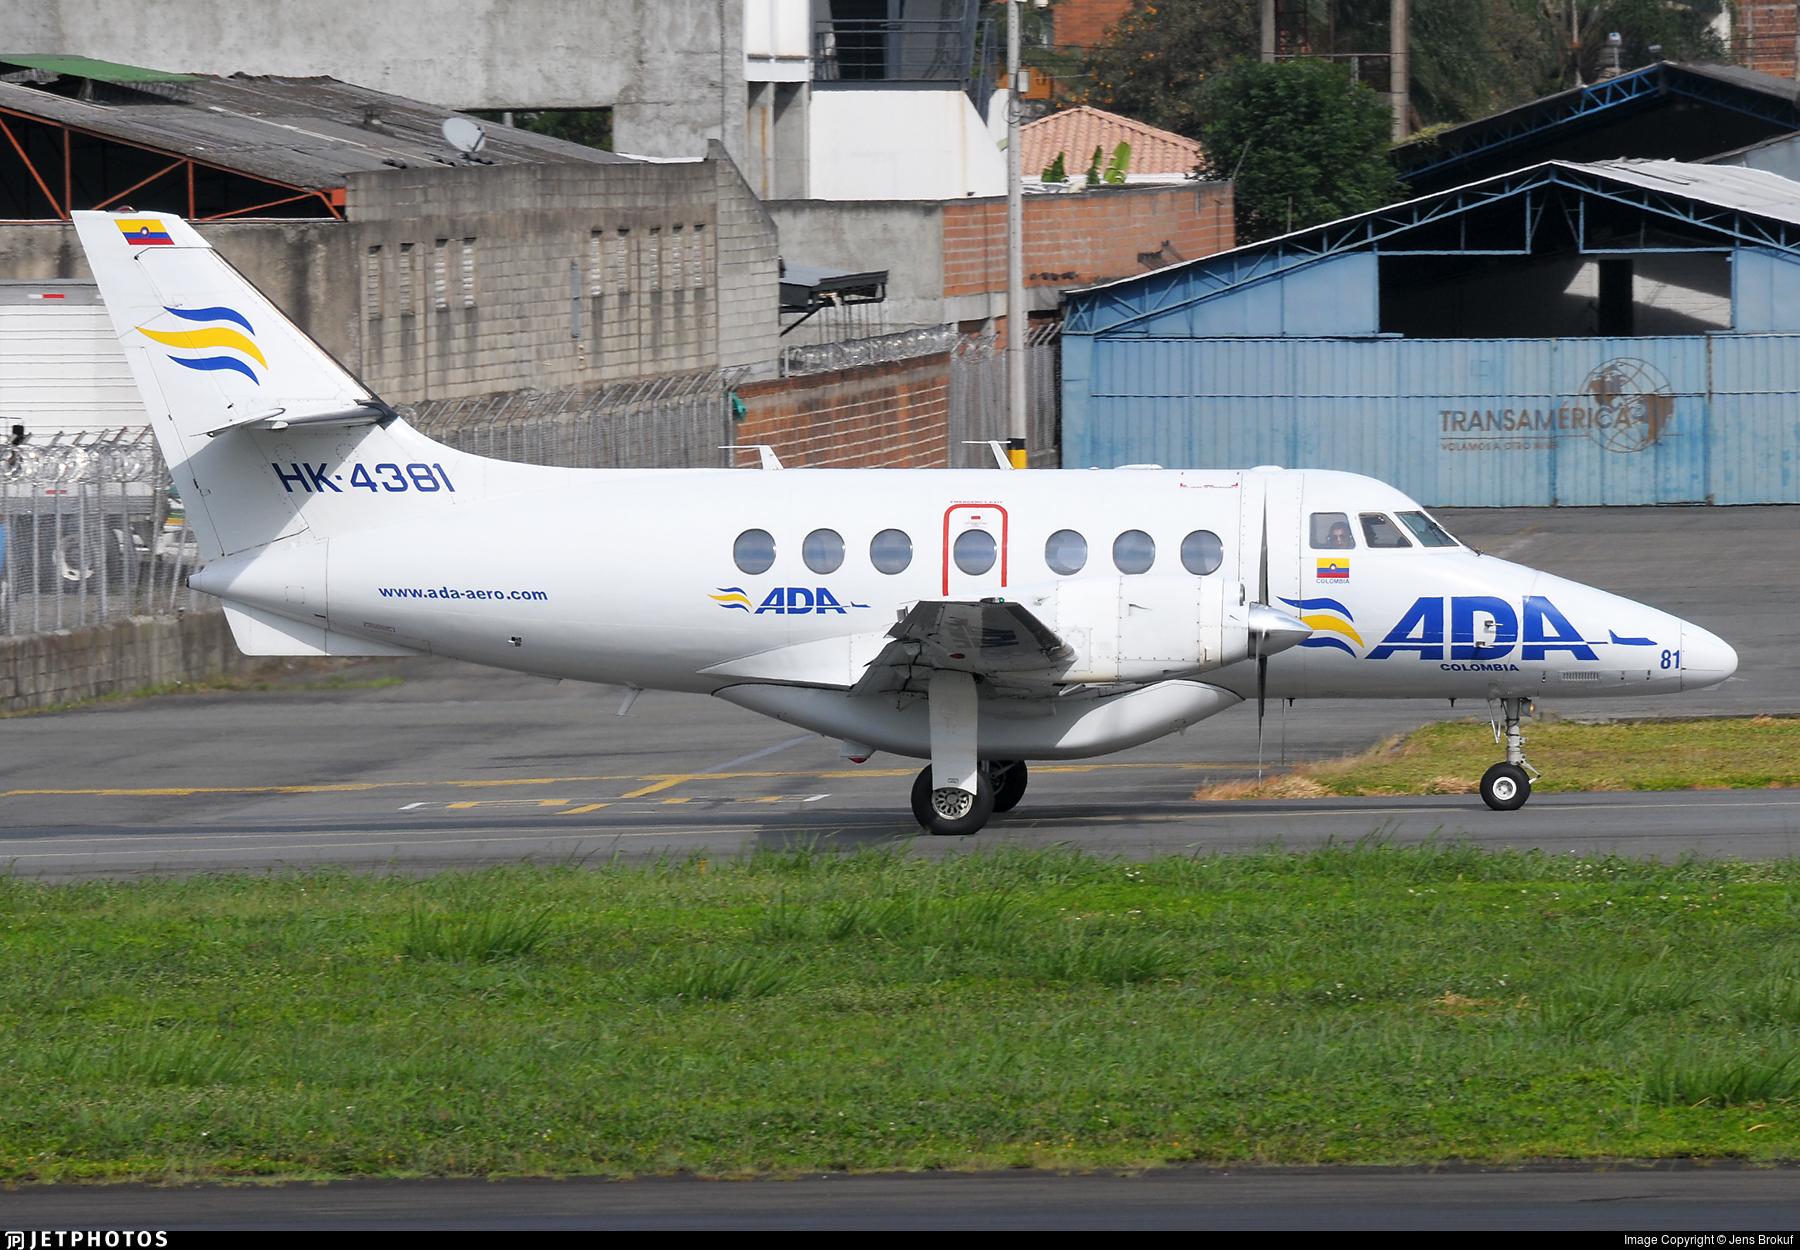 HK-4381 - British Aerospace Jetstream 32EP - ADA Aerolínea de Antioquía